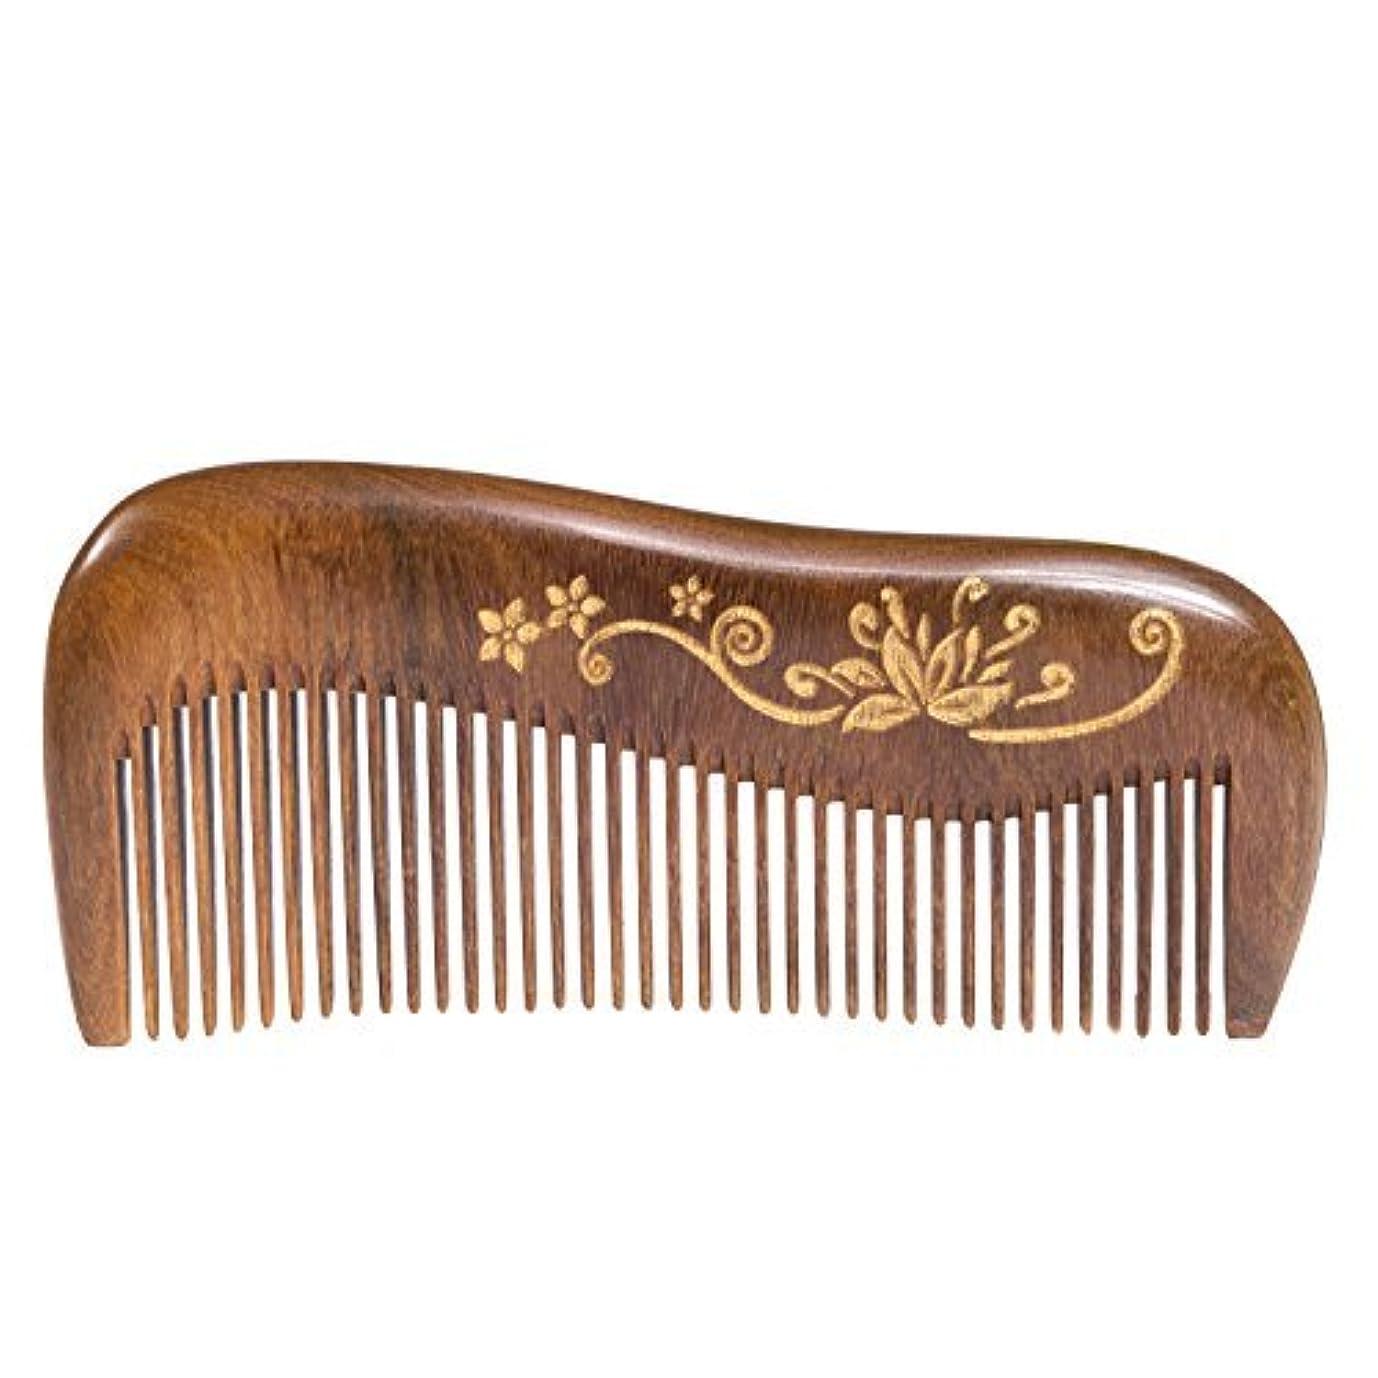 熟達悪化させる飲み込むBreezelike Wooden Hair Comb - Fine Tooth Wood Comb for Women - No Static Natural Detangling Sandalwood Comb [並行輸入品]